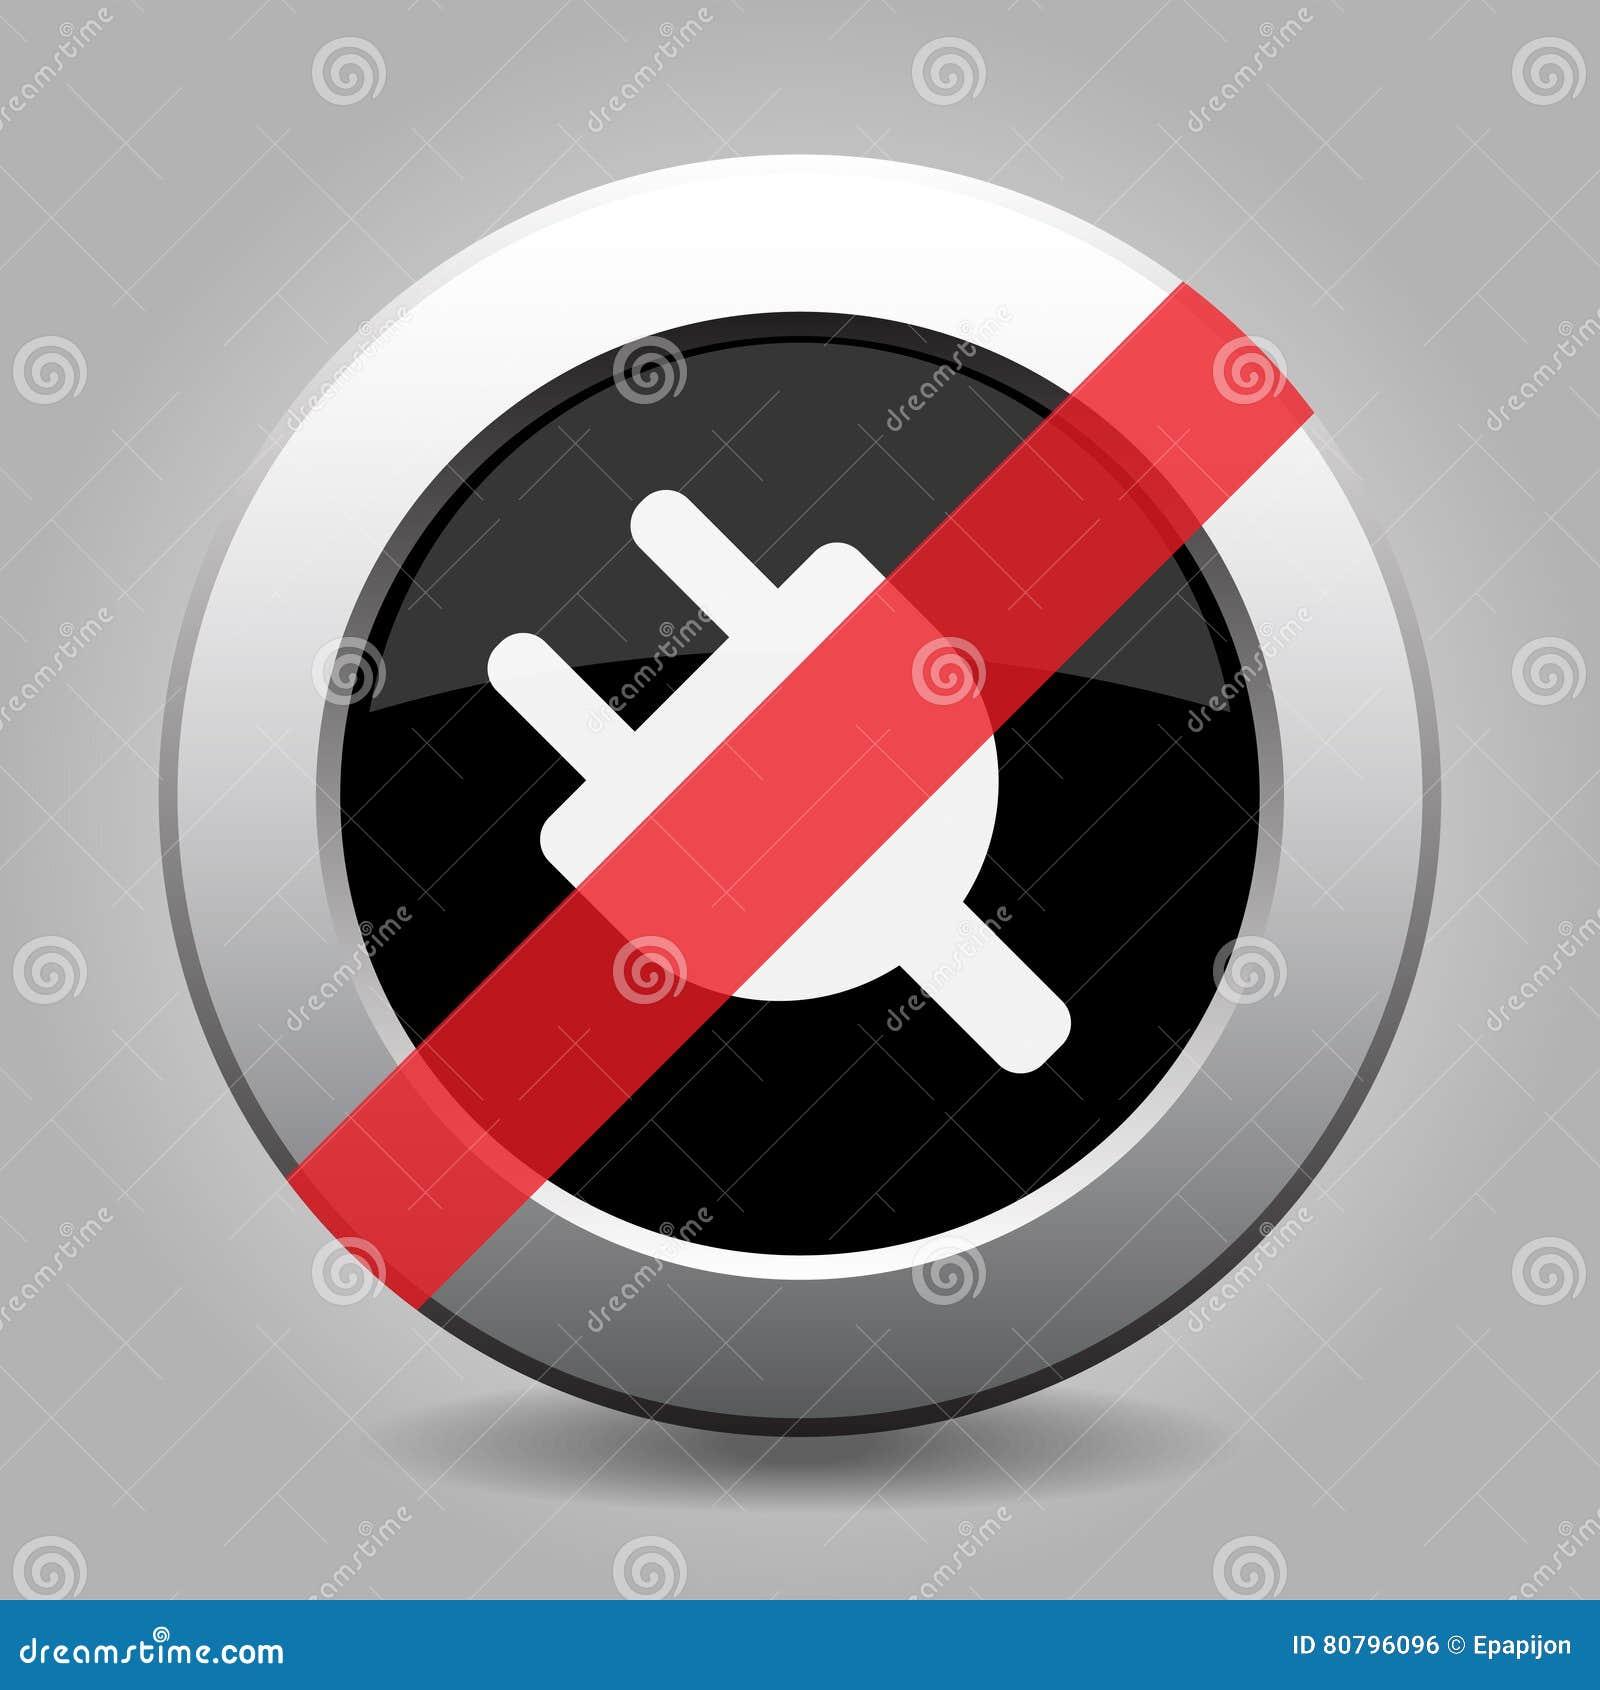 Schwarzer Metallischer Knopf, Elektrischer Stecker Verbot Ikone ...